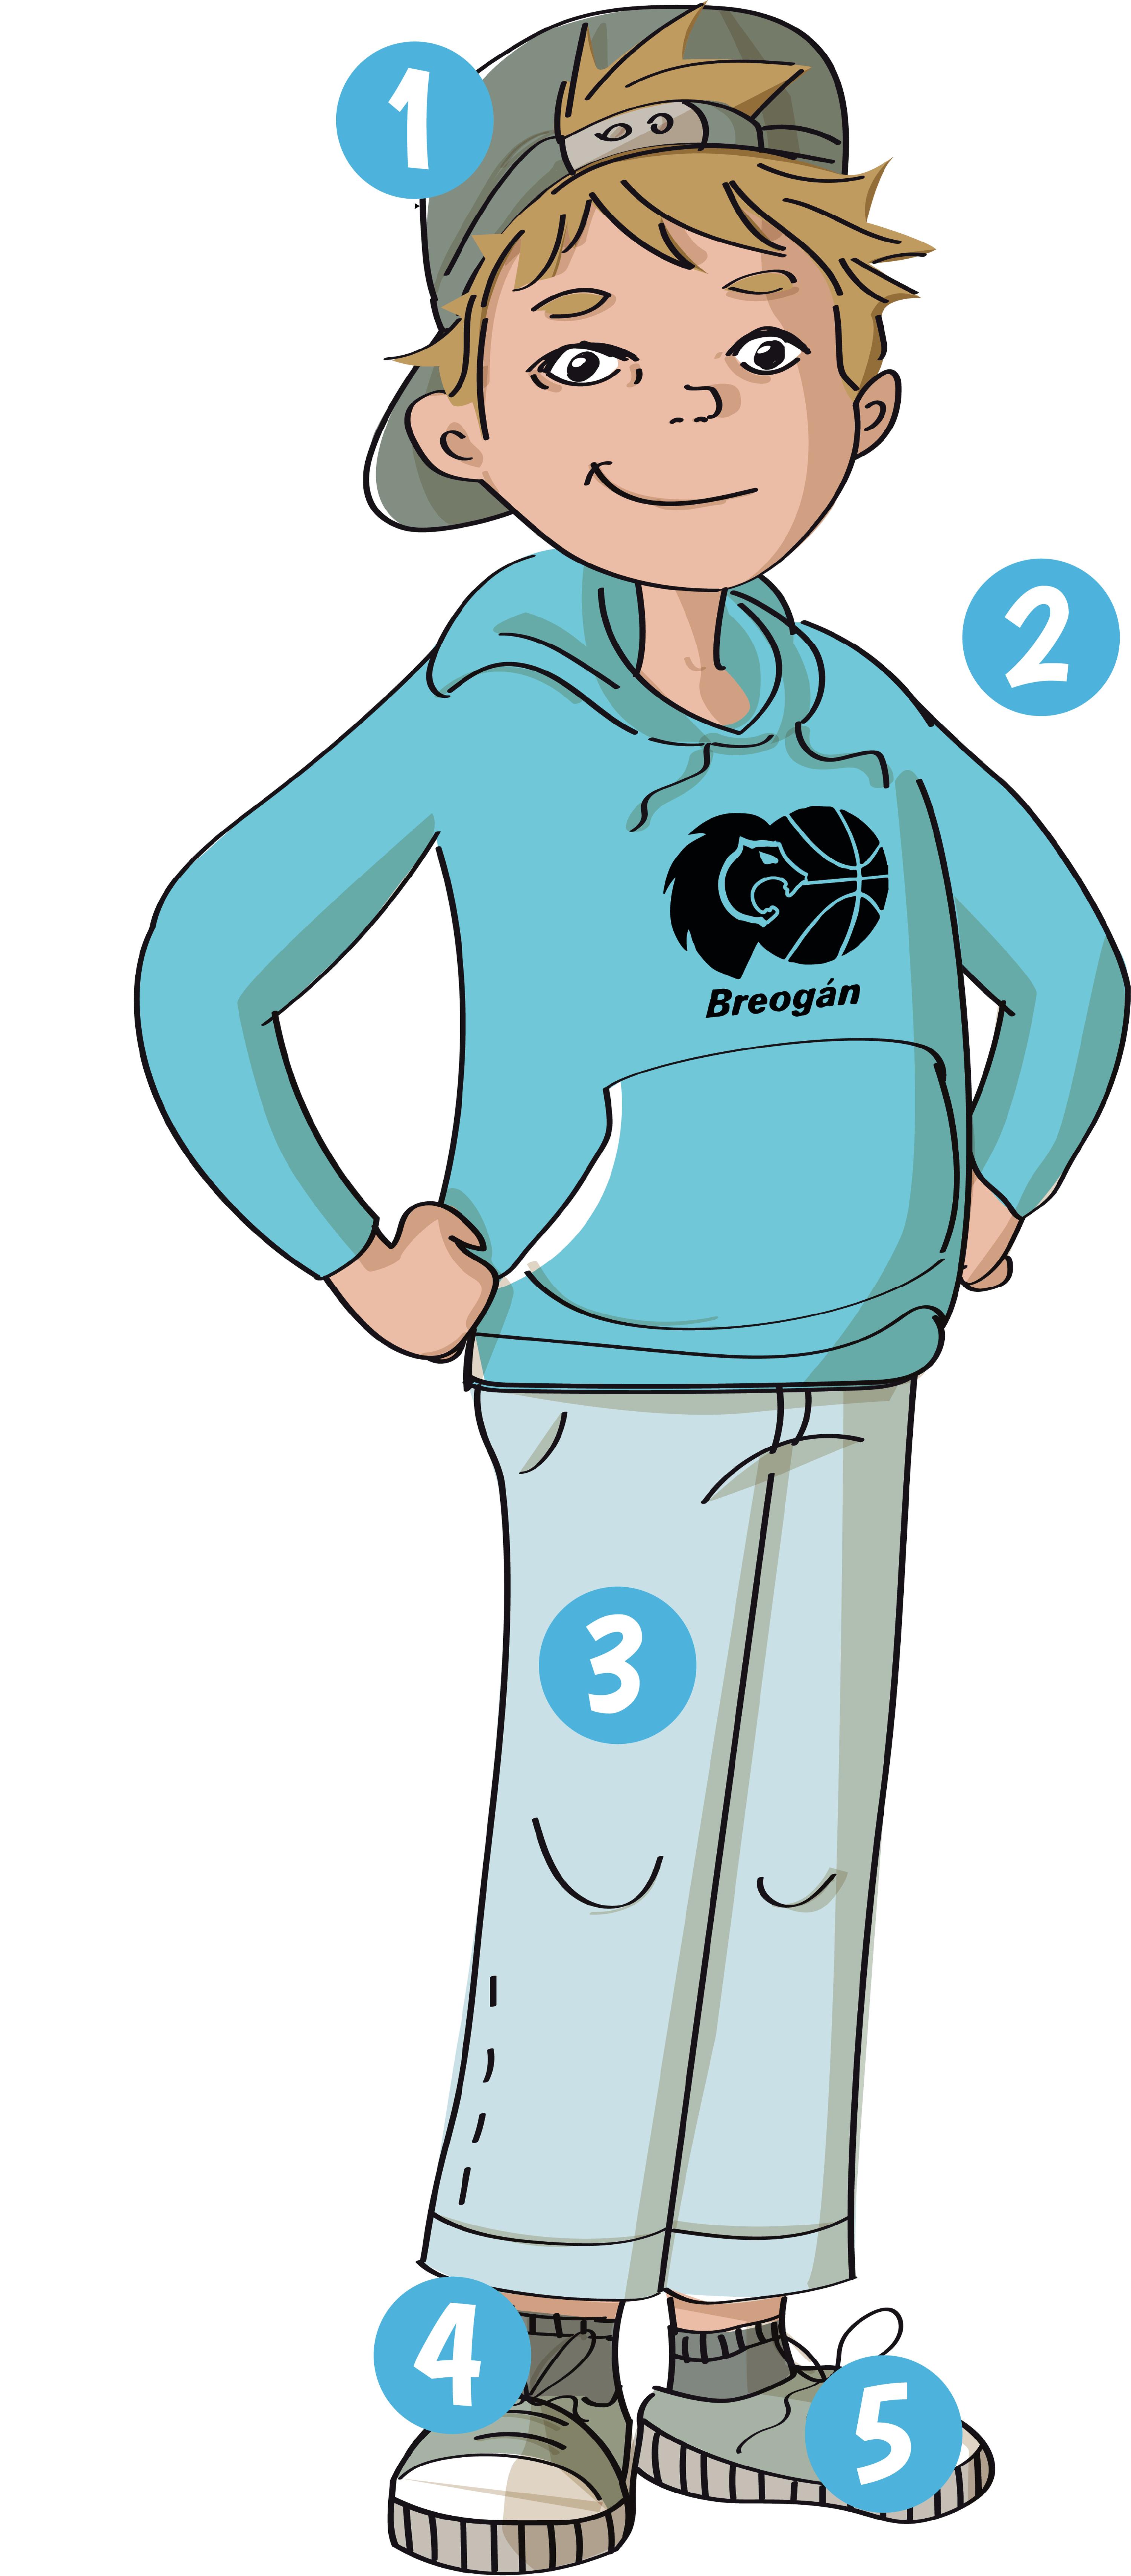 La ropa de Alfonso